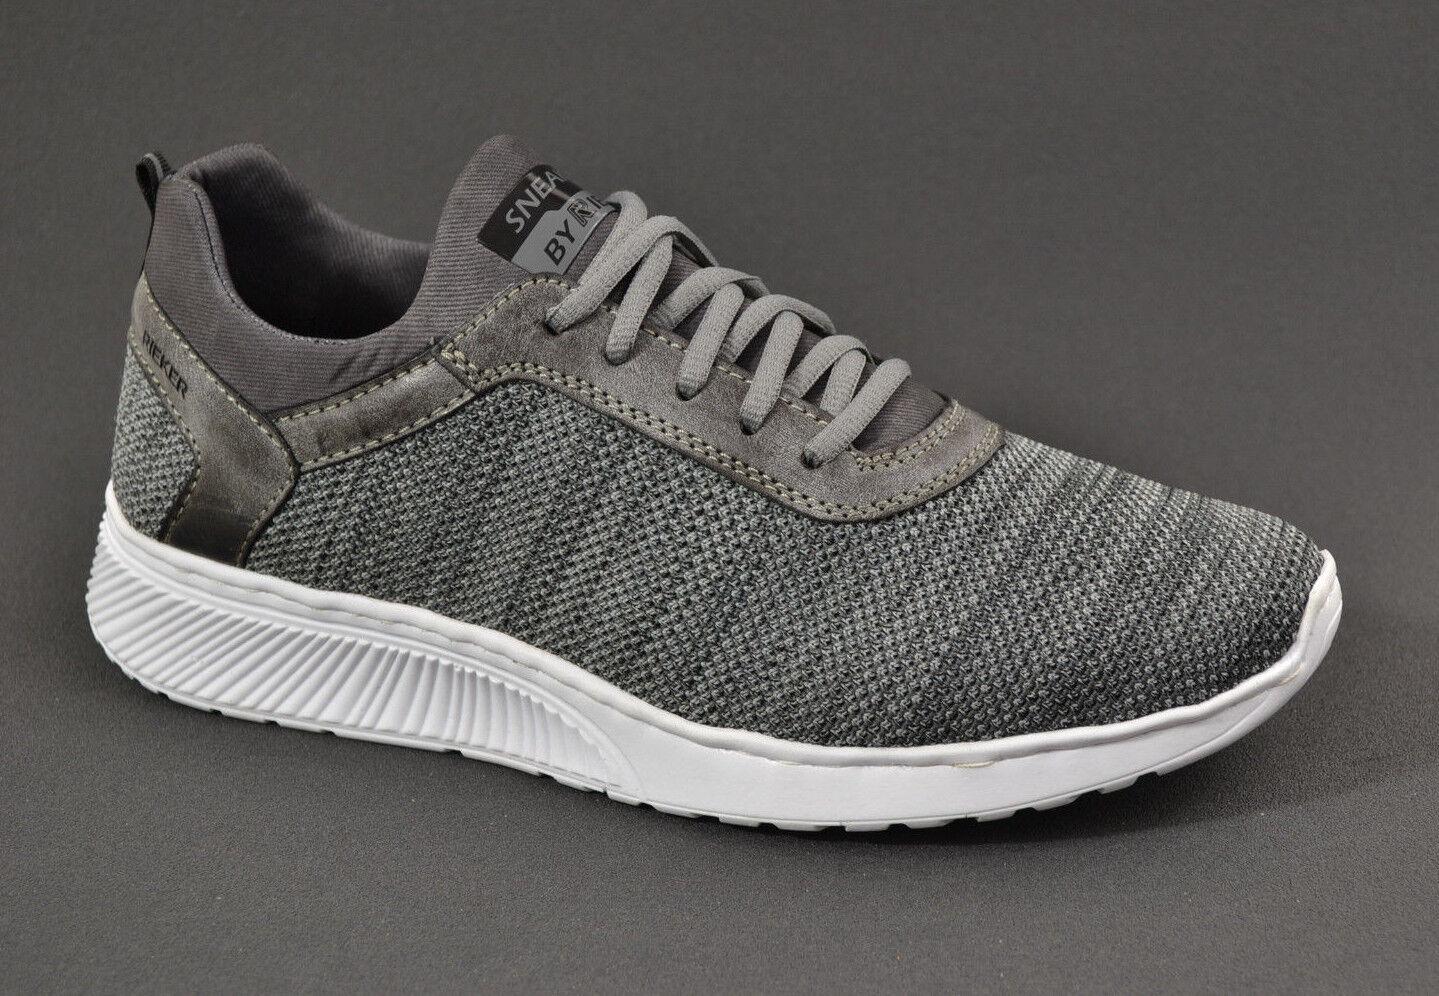 Rieker Herren Stoff Sommer Sneaker comfort Schuhe B5051 grau leicht  NEU 41 - 45